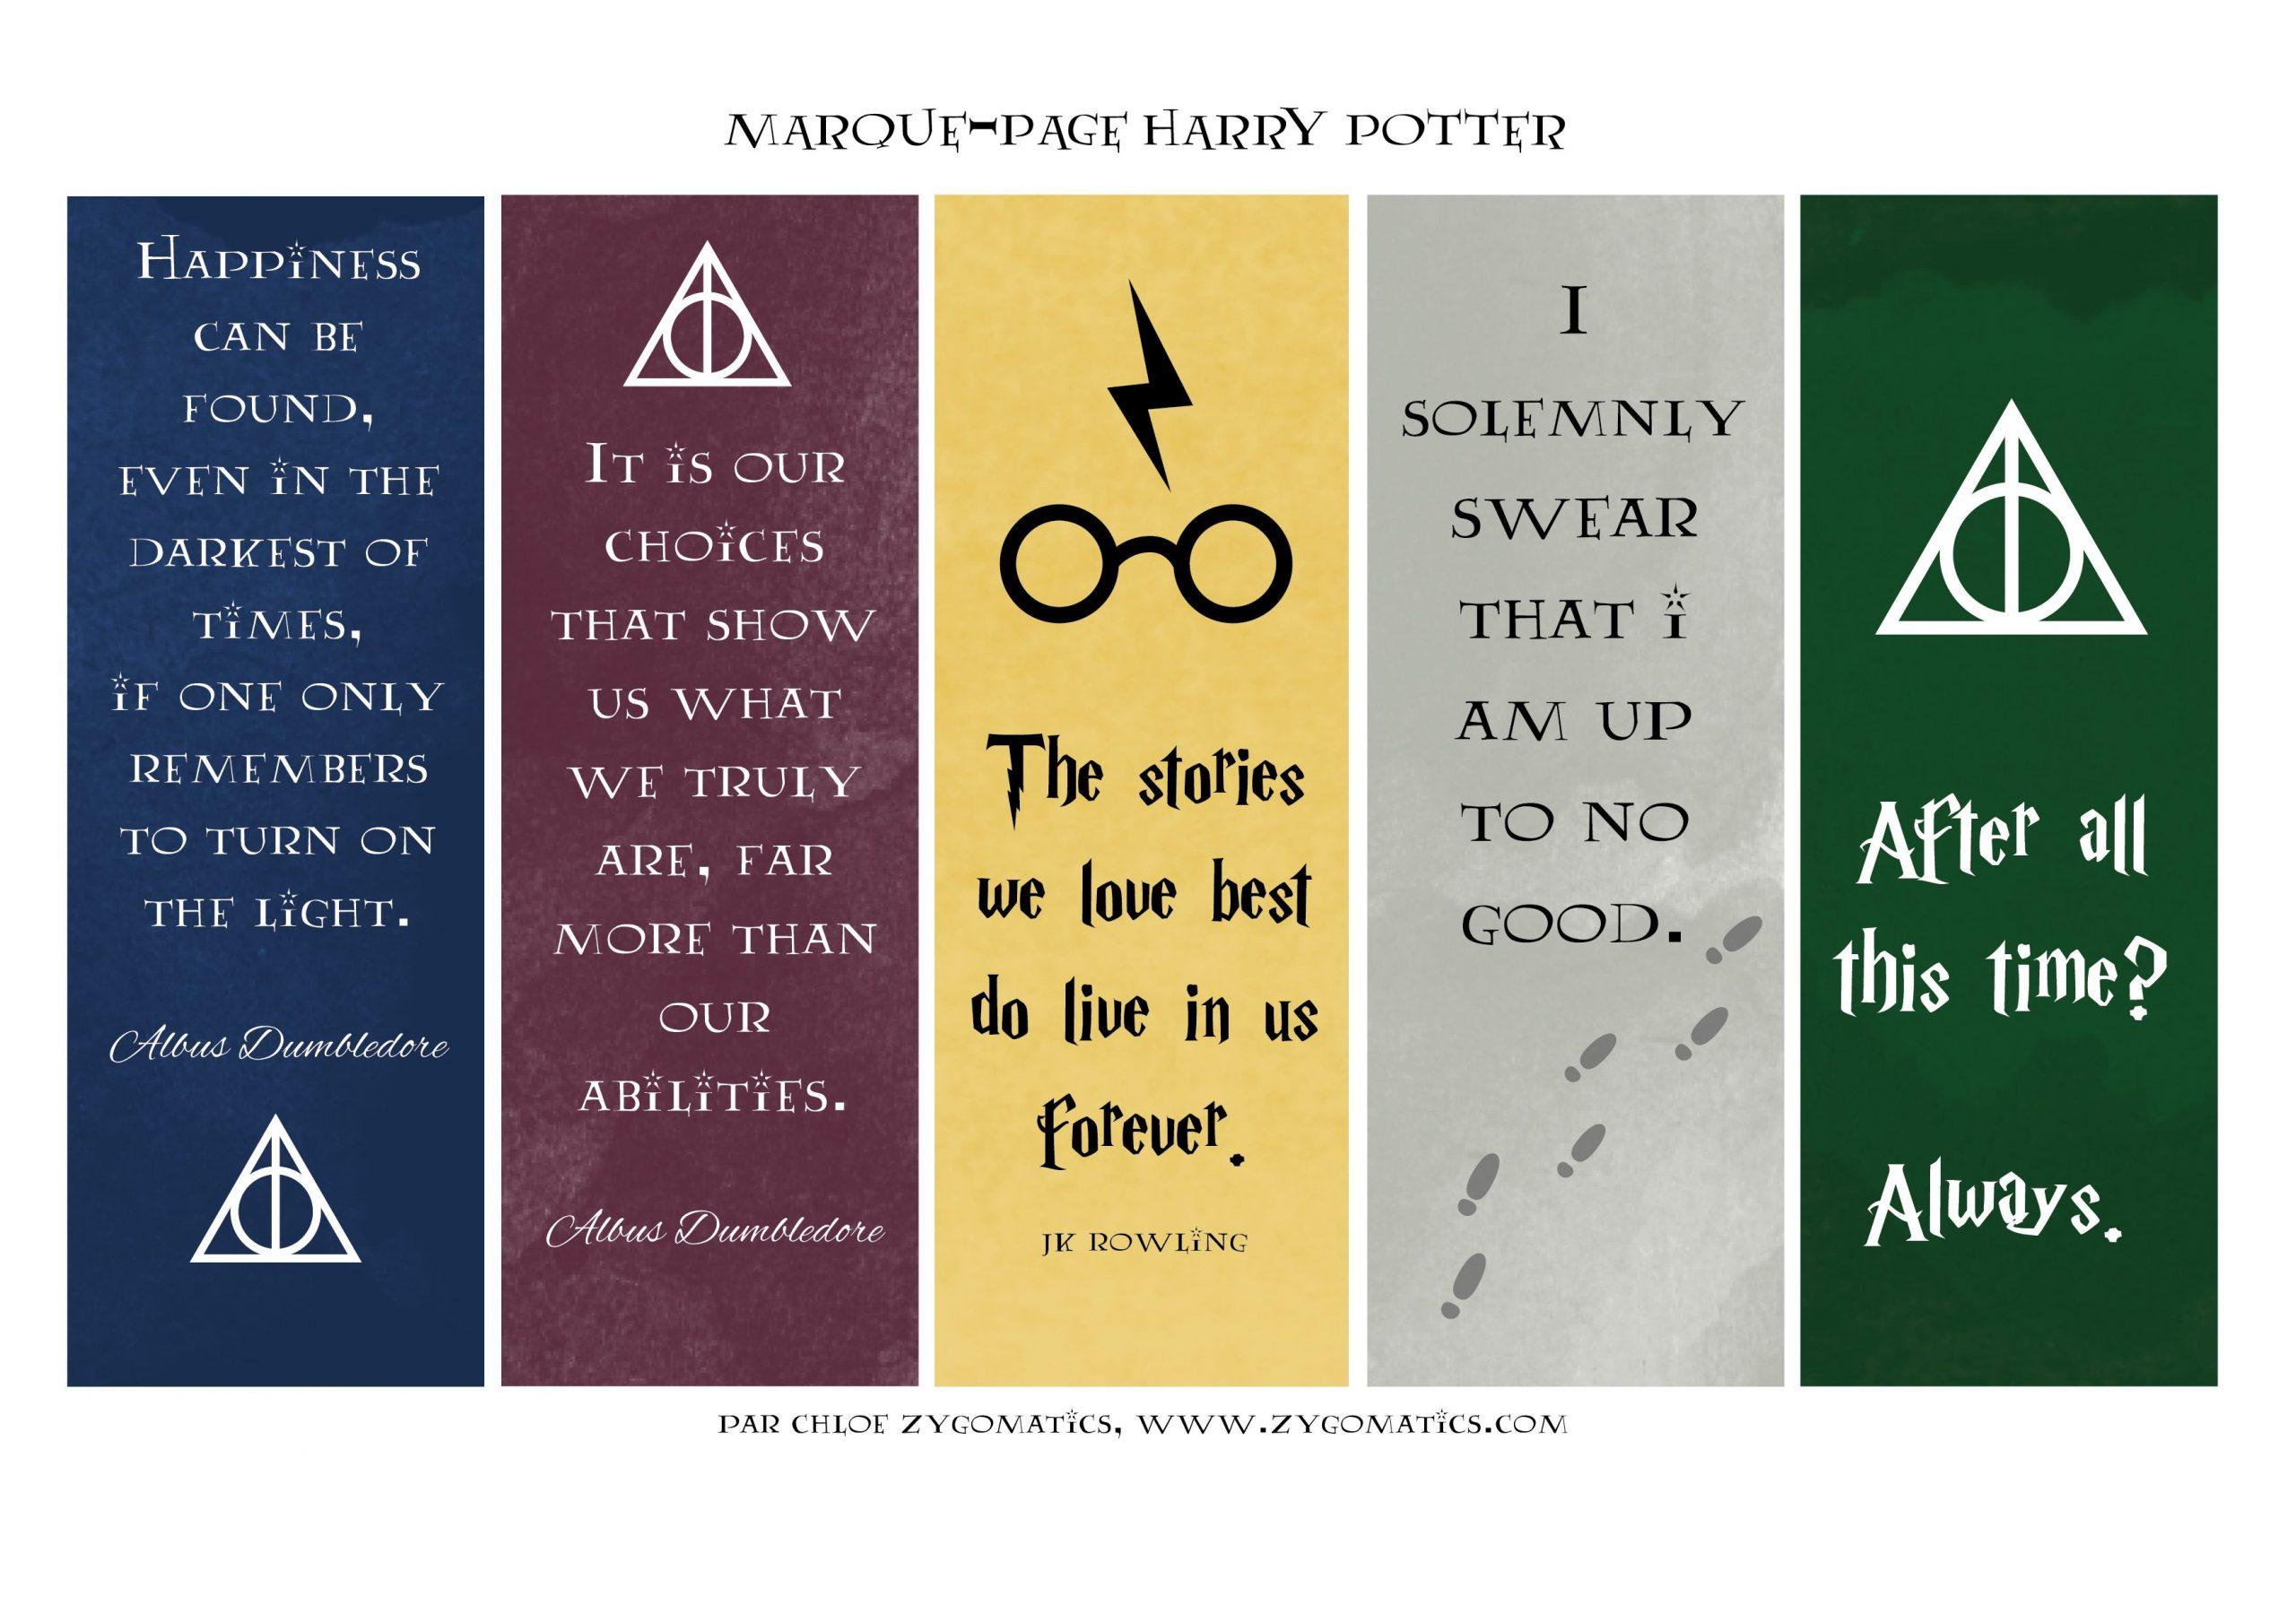 Les Marque-Pages Harry Potter & La Version Illustrée Du Tome concernant Marque Page Gratuit À Imprimer